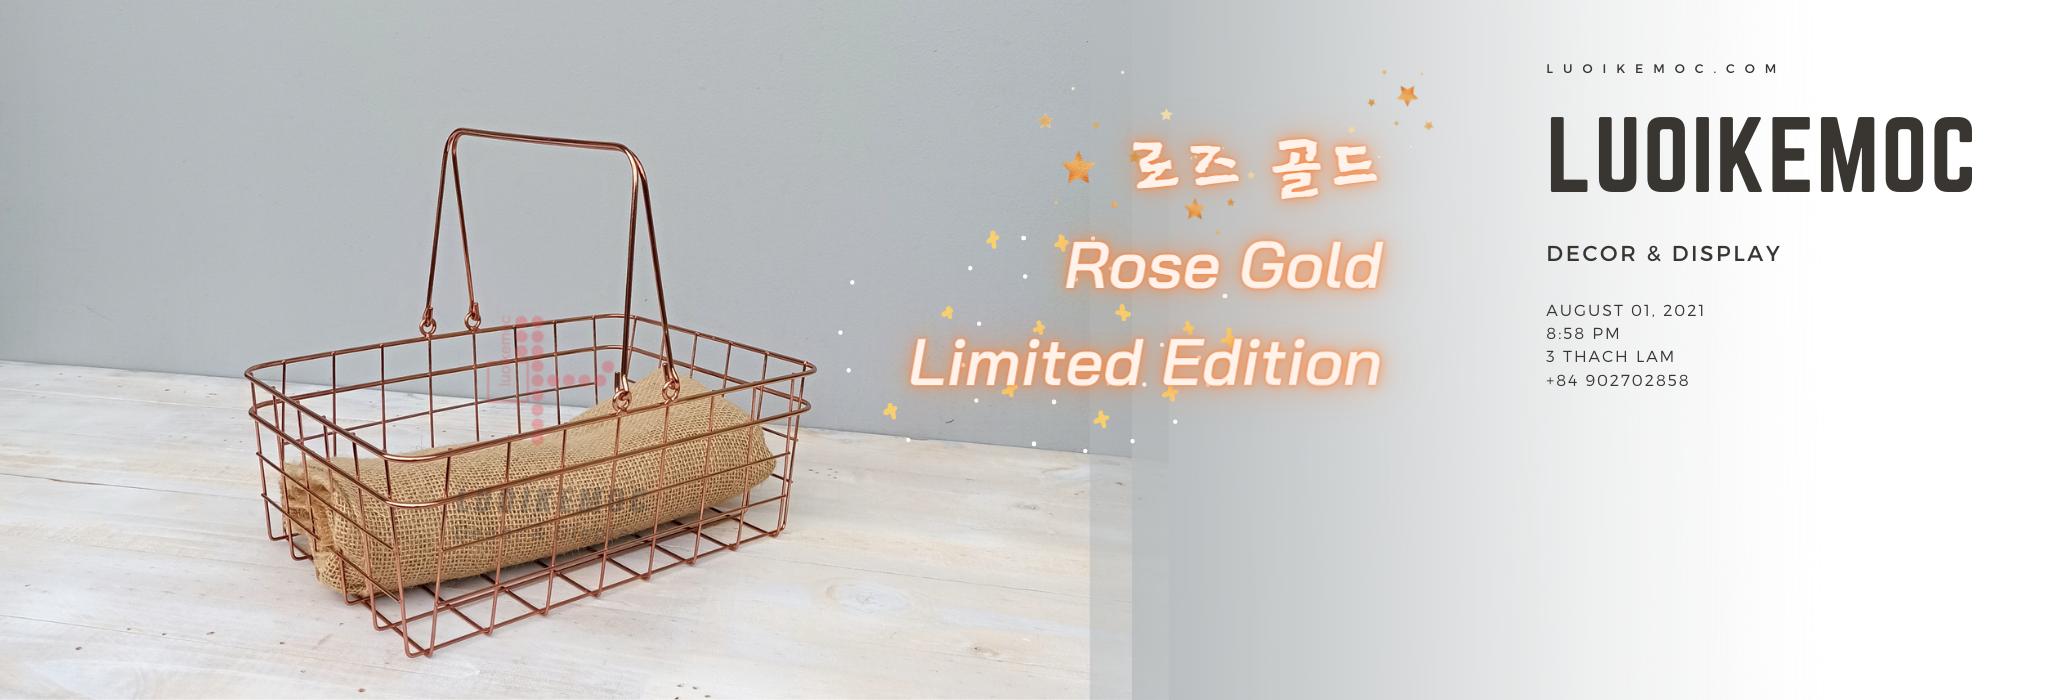 Giỏ siêu thị X2   Limited Edition - Rose Gold - 로즈 골드